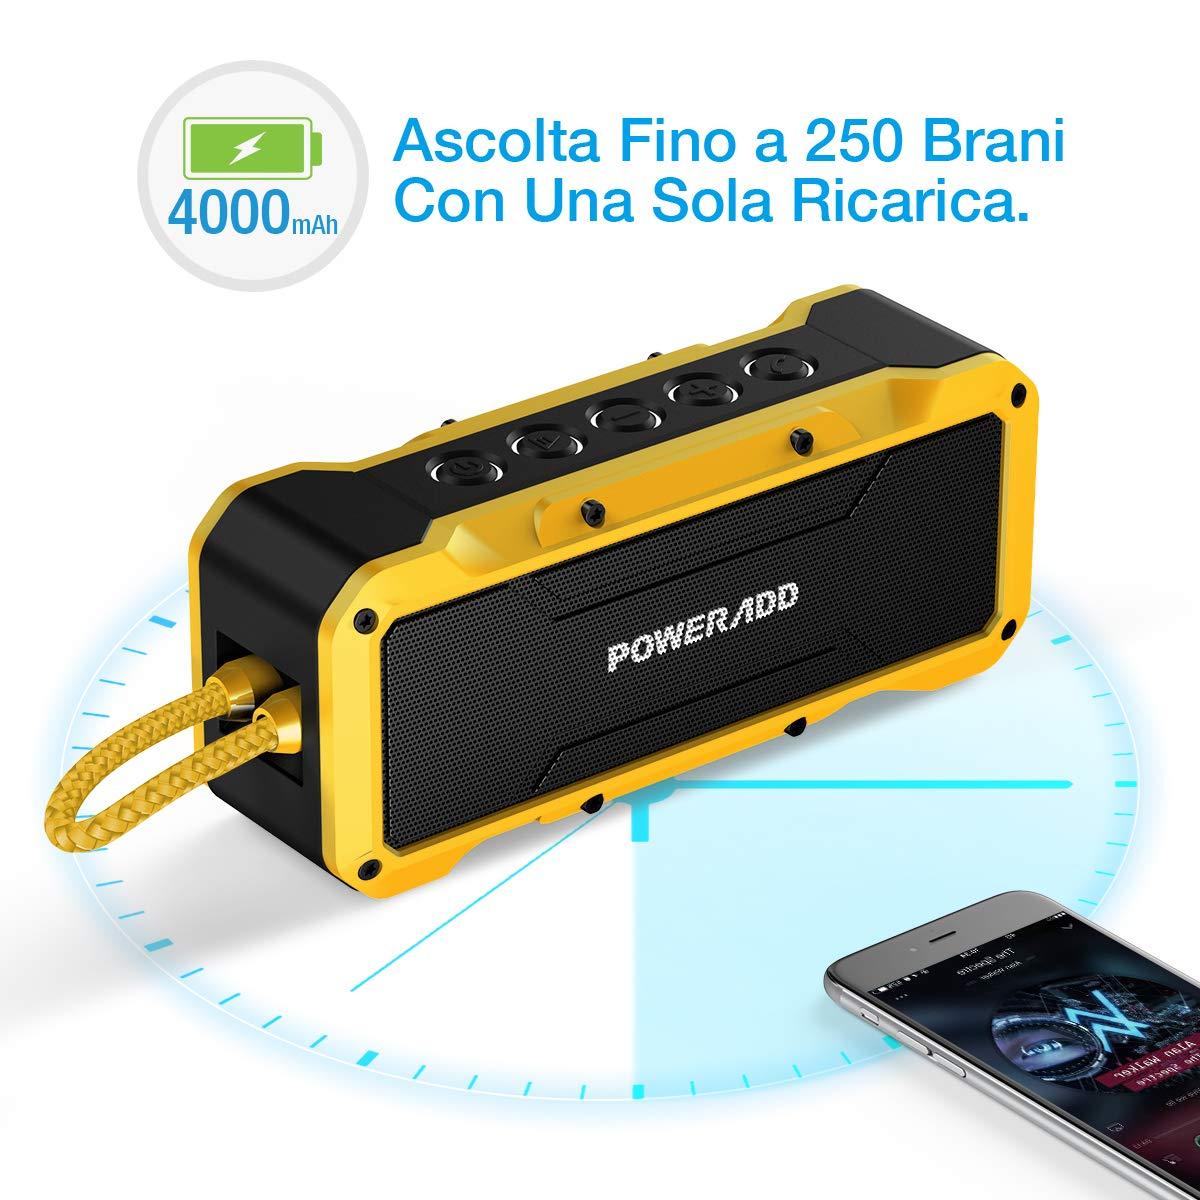 POWERADD Altoparlante Bluetooth Wireless Speaker Portatile con Audio Stereo 36W, Casse Portatile IPX7 a Prova di Urti e Polvere, Aux-in, Perfetto per Utilizzo All\'aperto - Giallo